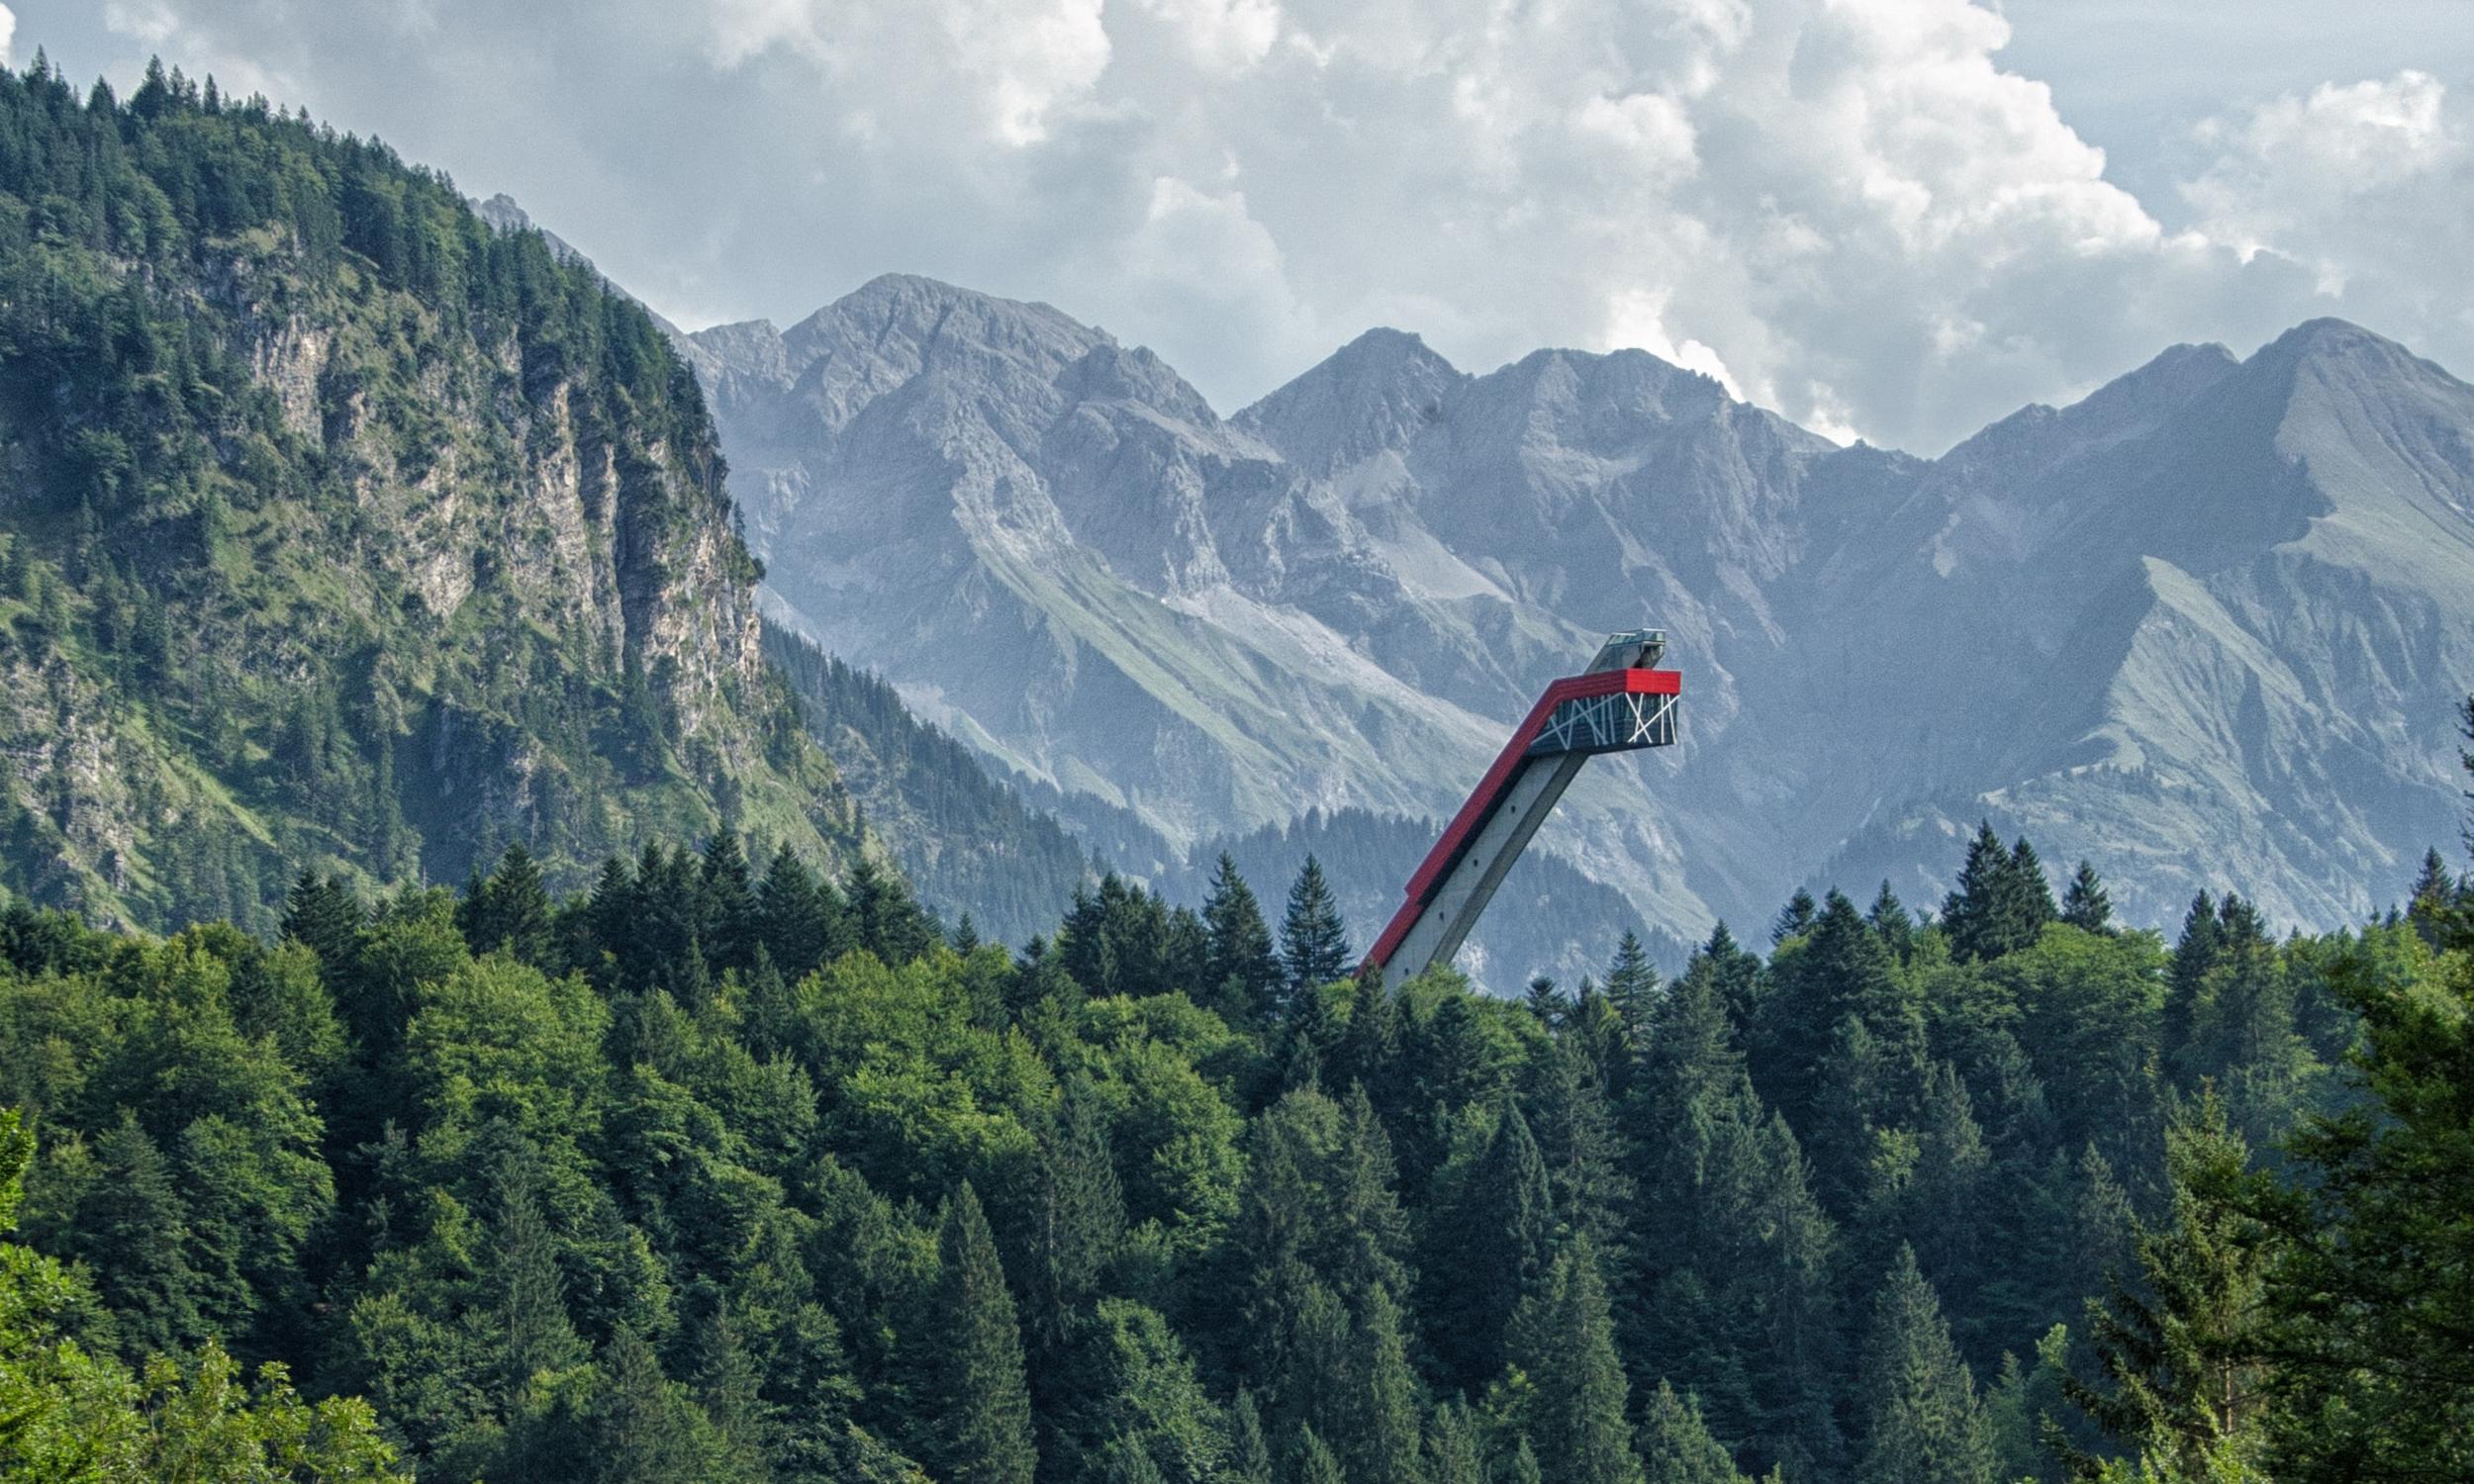 Skiflugschanze vor Alpenkulisse